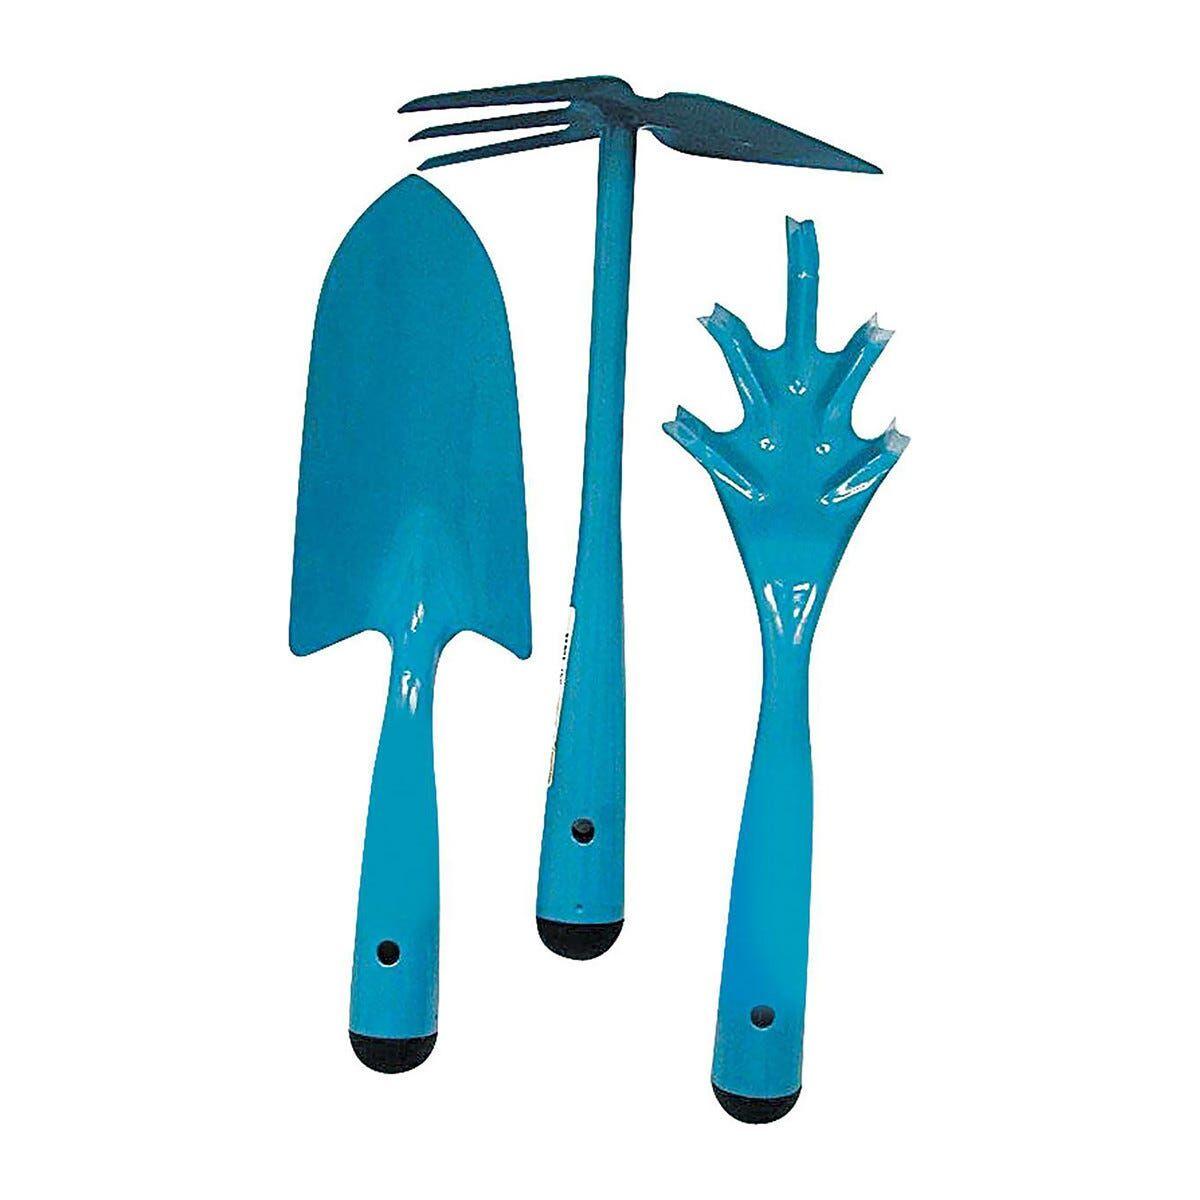 set 3 utensili in acciaio per giardino sarchiatore zappa cuore trapiantatore largo